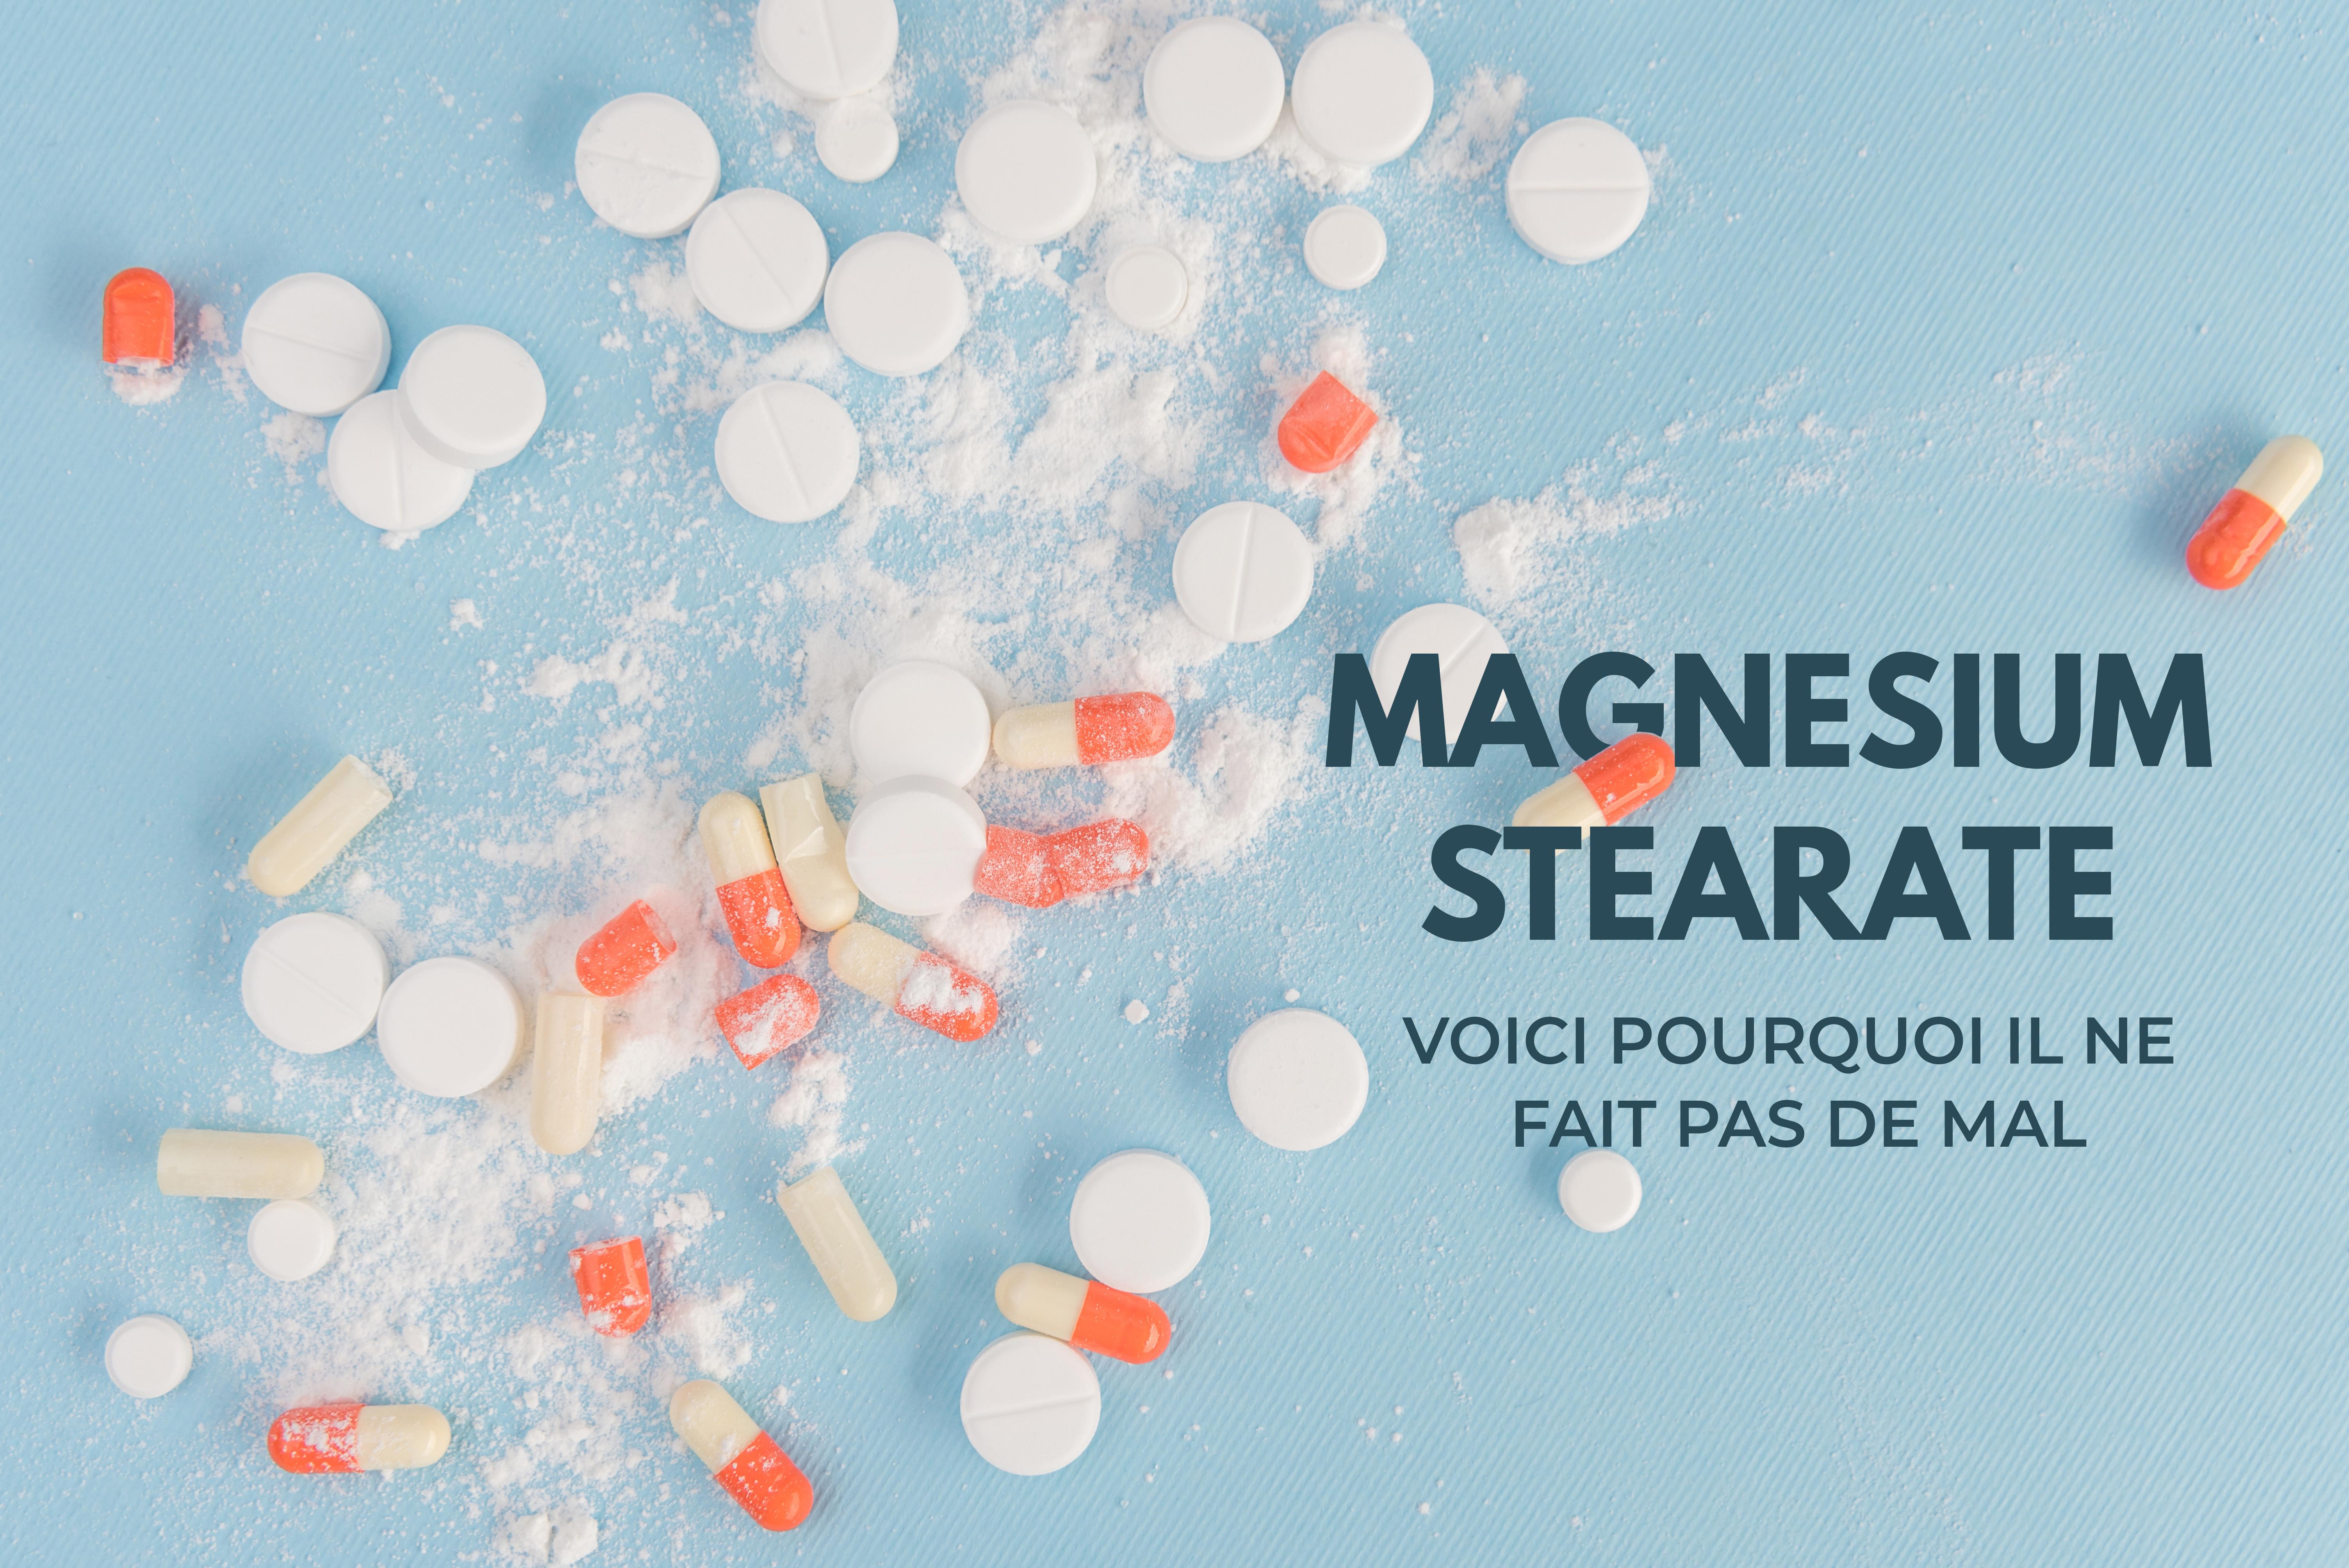 Magnésium Stéarate : Voici pourquoi il est inoffensif